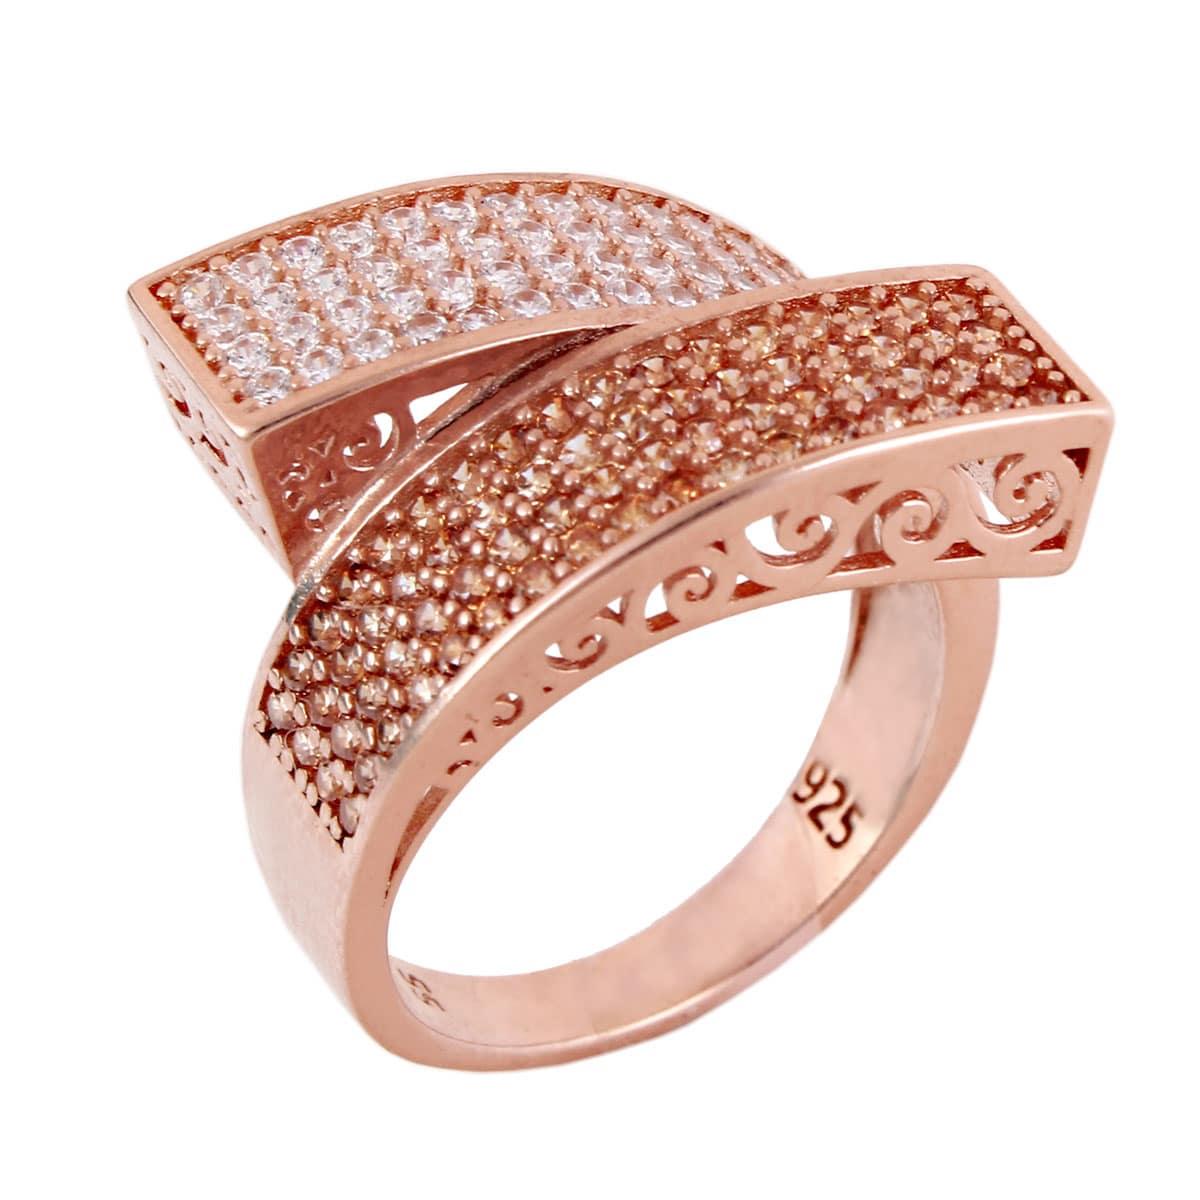 خرید انگشتر نقره زنانه نگین دار مدل وانیا